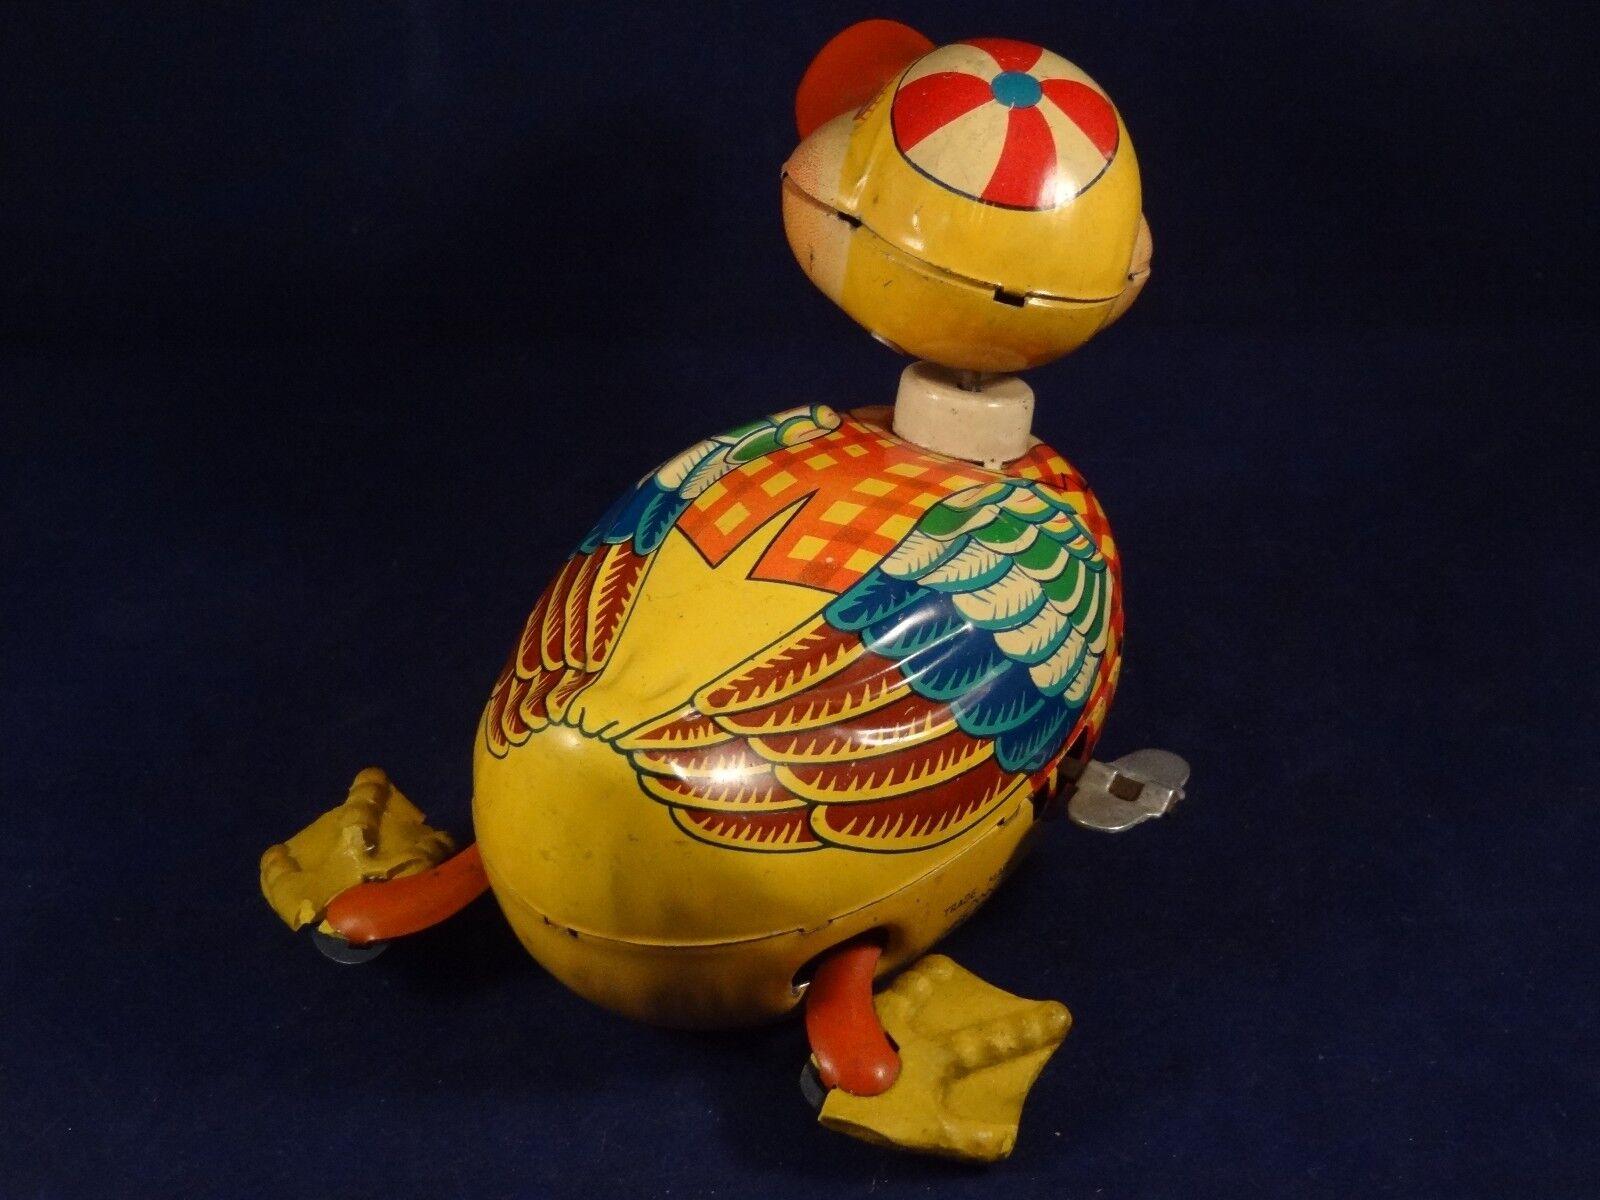 Ancien jouet mécanique tôle lithographié canard 1950 ALPS RF JAPAN 1950 canard style joustra dd0ba9